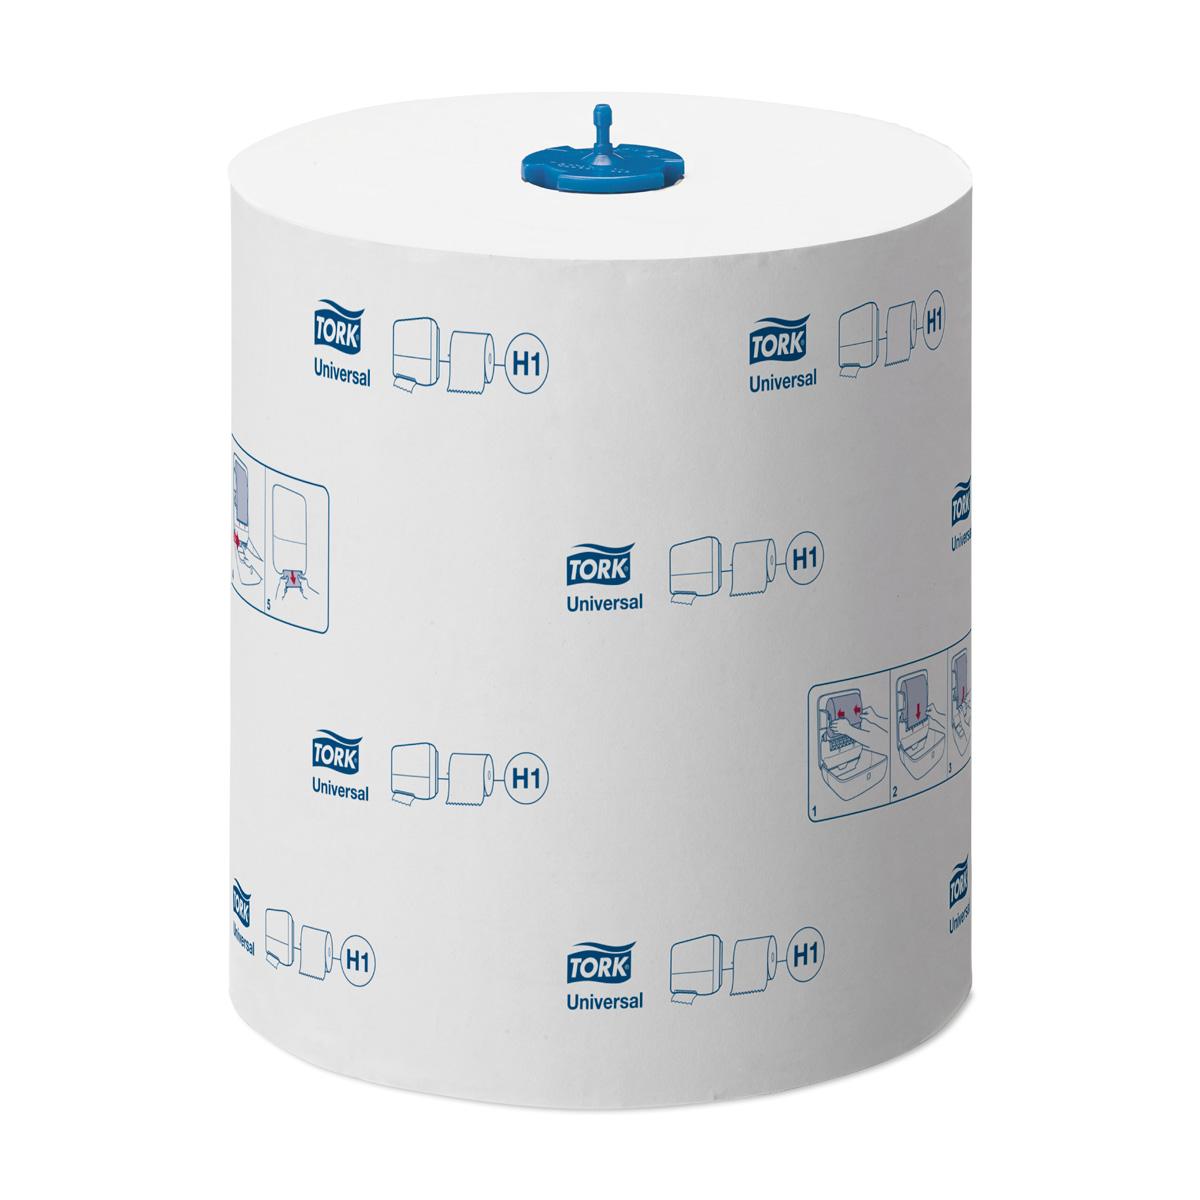 Tork Matic полотенца в рулонах ультра-длина 1-сл 280м, коробка 6 шт290059Система H1 - Matic system. Категория качества Universal Однослойные бумажные полотенца с увеличенной длиной рулона. Изготавливаются по технологии TAD – «Сквозная сушка воздухом», благодаря чему достигается очень высокая степень впитываемости и мягкости. Полотенца впитывают в 5 раз больше собственного веса. В состав материала входит натуральная целлюлоза и обычная бумага. Средний расход - примерно 2,75 листа на человека за одно посещение. Благодаря увеличенной длине рулона не требует частой перезаправки. Разрешен контакт с пищевыми продуктами. Цвет: белый. Размеры: 1 слой, длина рулона 280м (1120 листов), ширина 21 см, в упаковке 6 рулонов. Целлюлоза